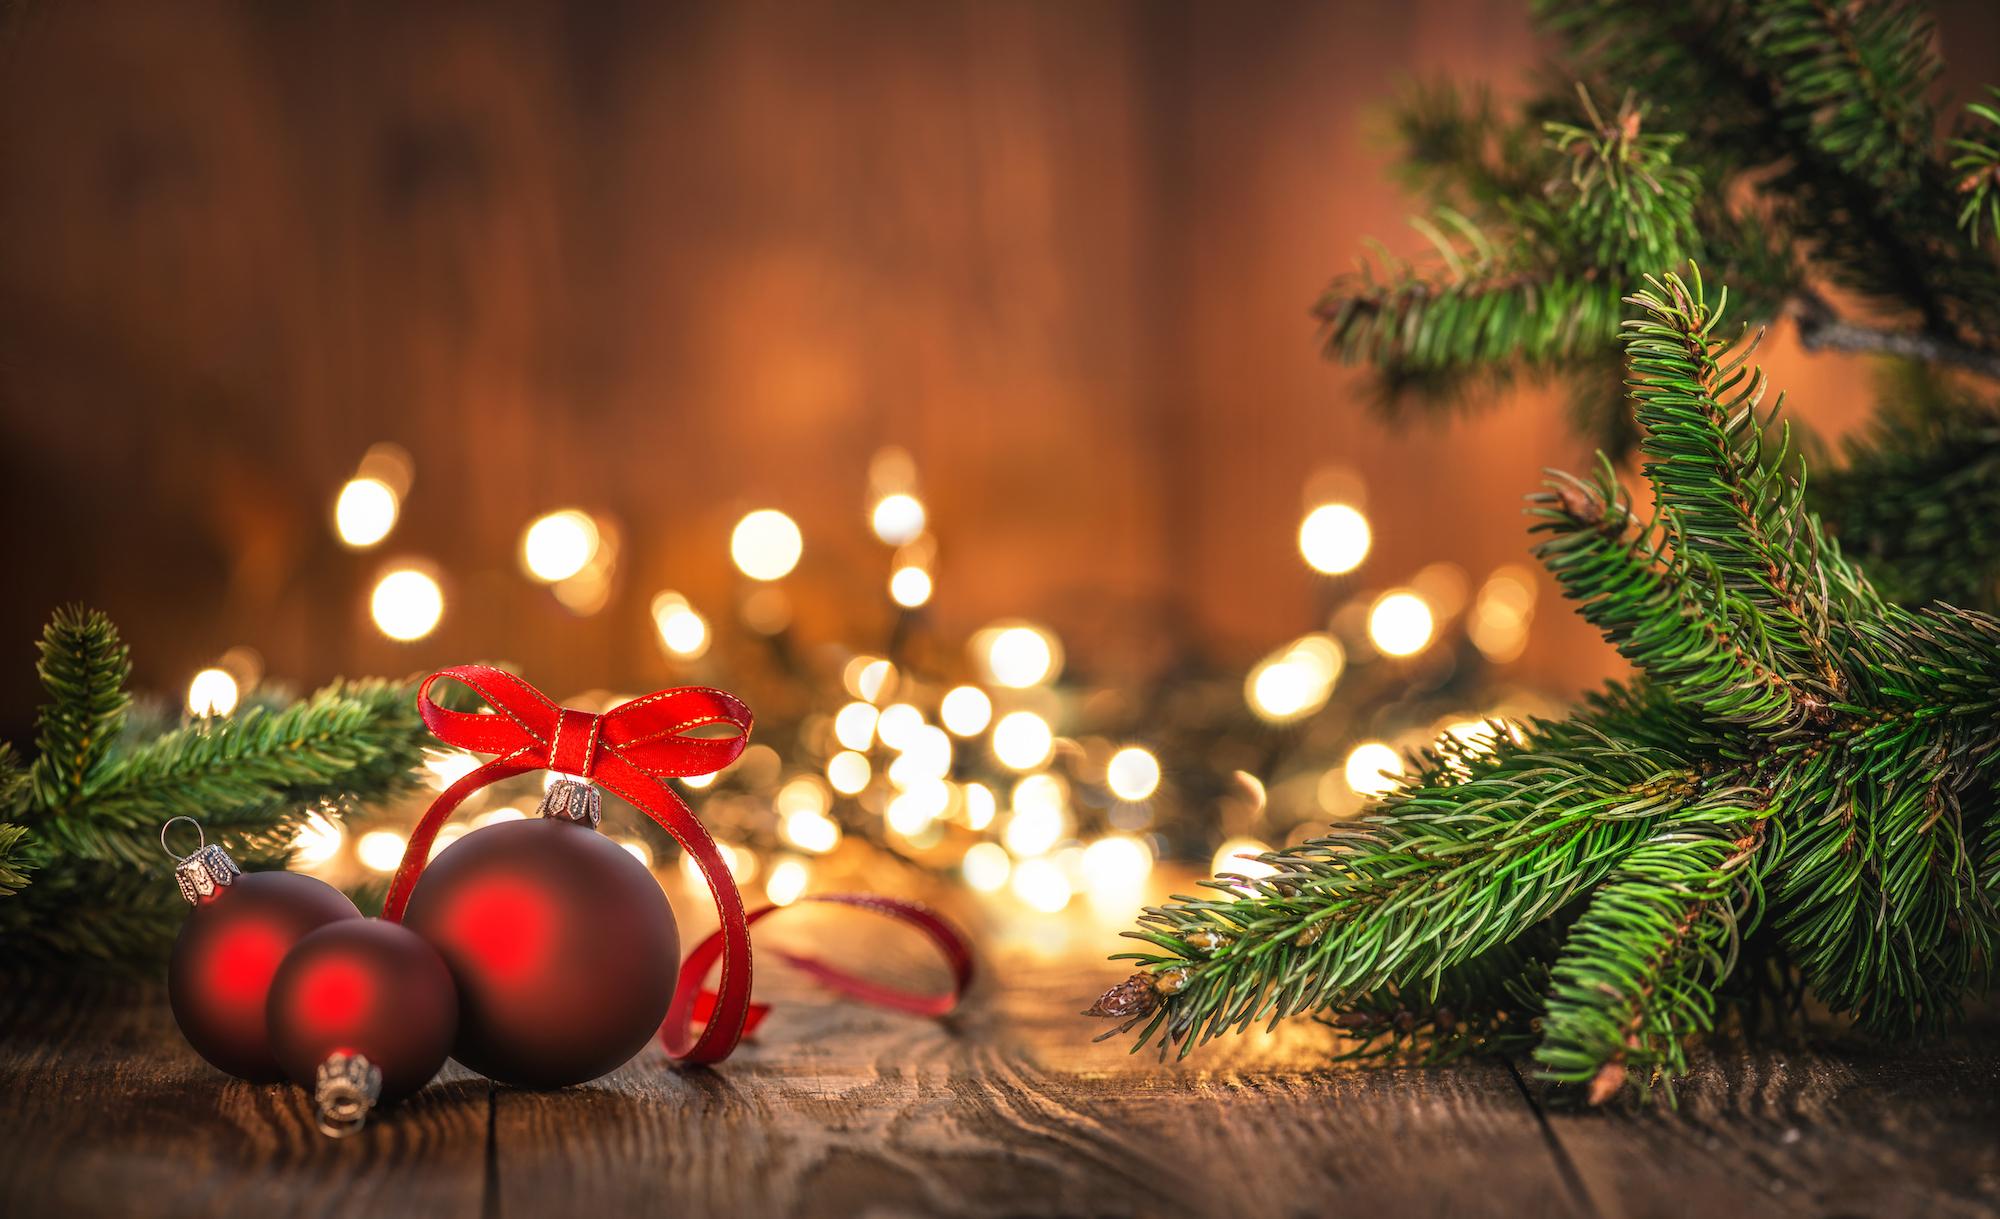 Giáng sinh trọn yêu thương với những lời chúc ngắn gọn mà ý nghĩa - Ảnh 5.